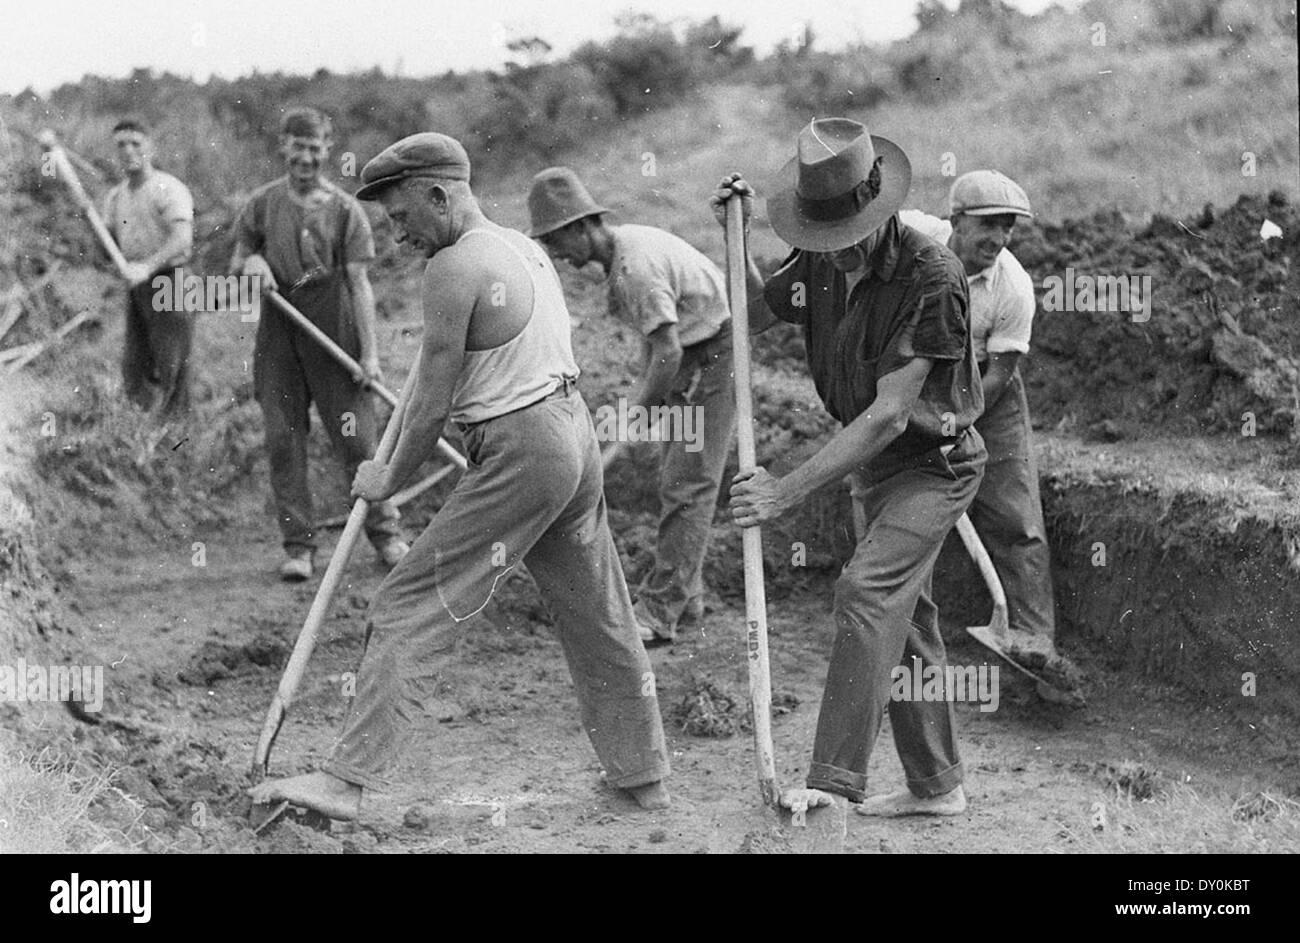 Le bande di uomini sul lavoro di soccorso durante la depressione, 1930s, dalla cappa di Sam Immagini Stock